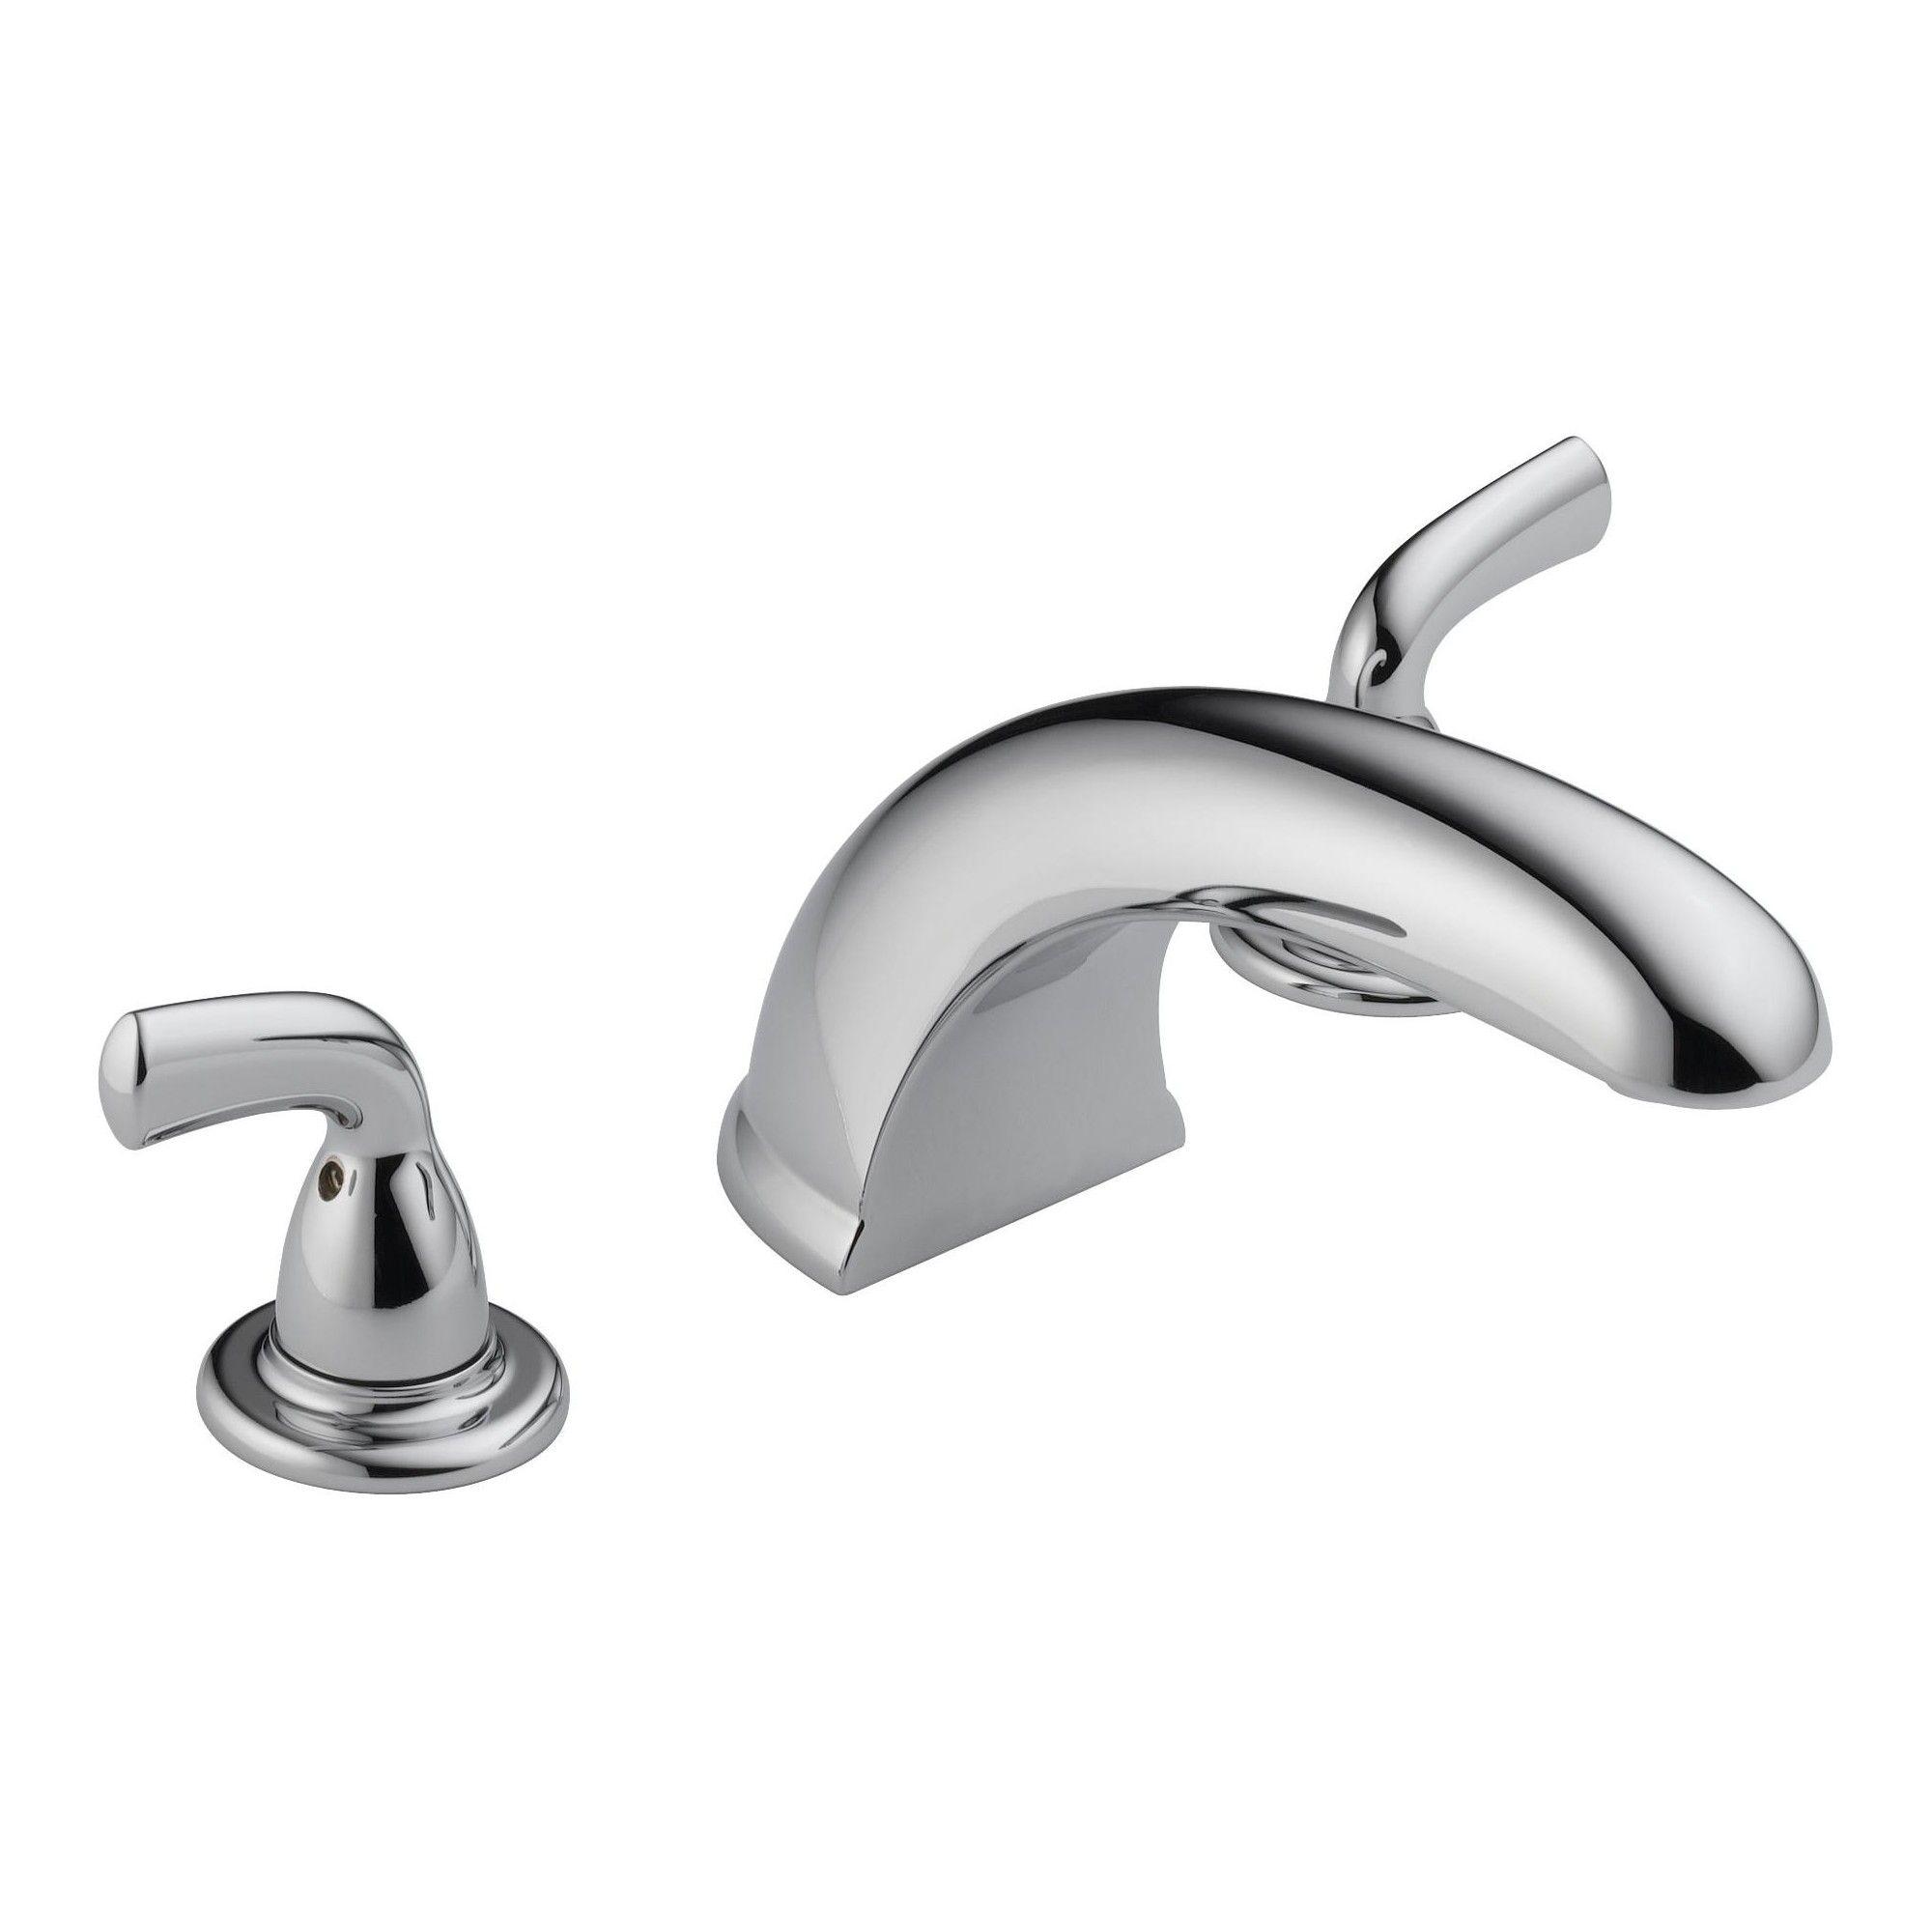 Delta Faucet Bt2710 Foundations Deck Mounted Roman Tub Filler Trim Chrome Grey Roman Tub Faucets Tub Faucet Faucet